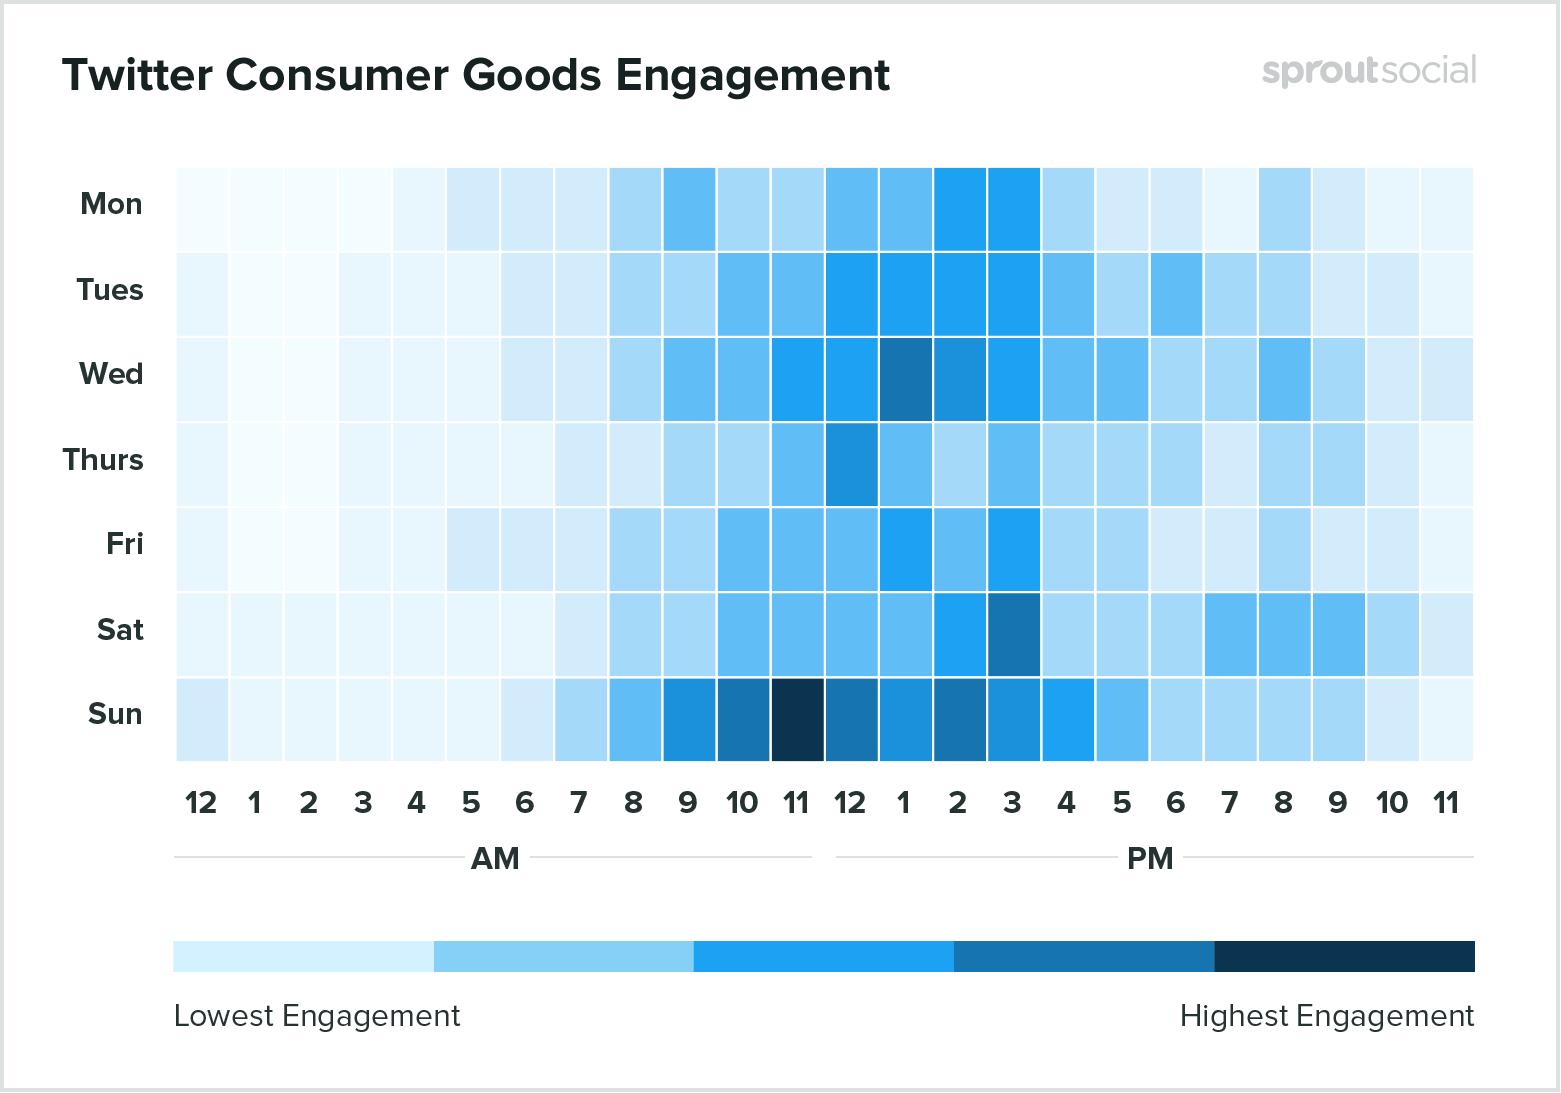 Лучшее время для публикации о товарах в Twitter - данные на 2020 год